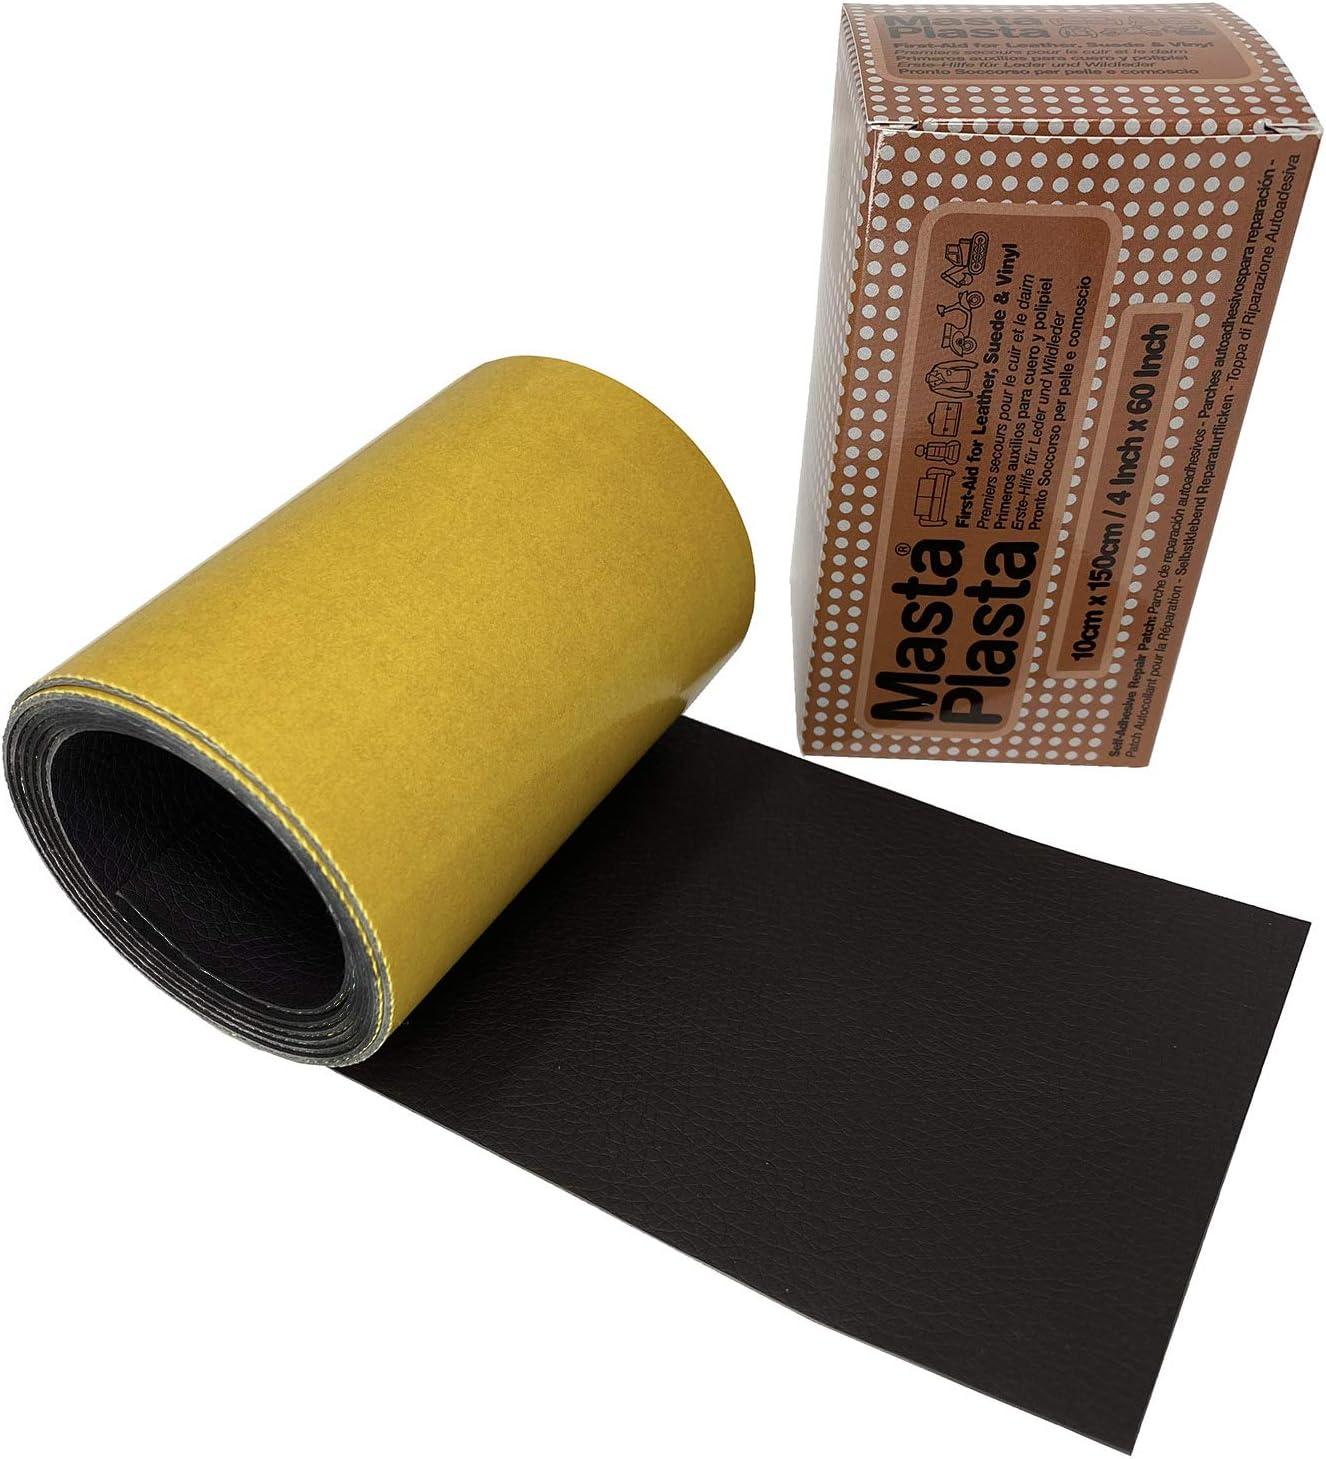 MastaPlasta - Reparador de Piel Autoadhesivo - En un Rollo - Color A Elegir. 150 x 10 cm. Arregla Las rasgaduras: Amazon.es: Hogar